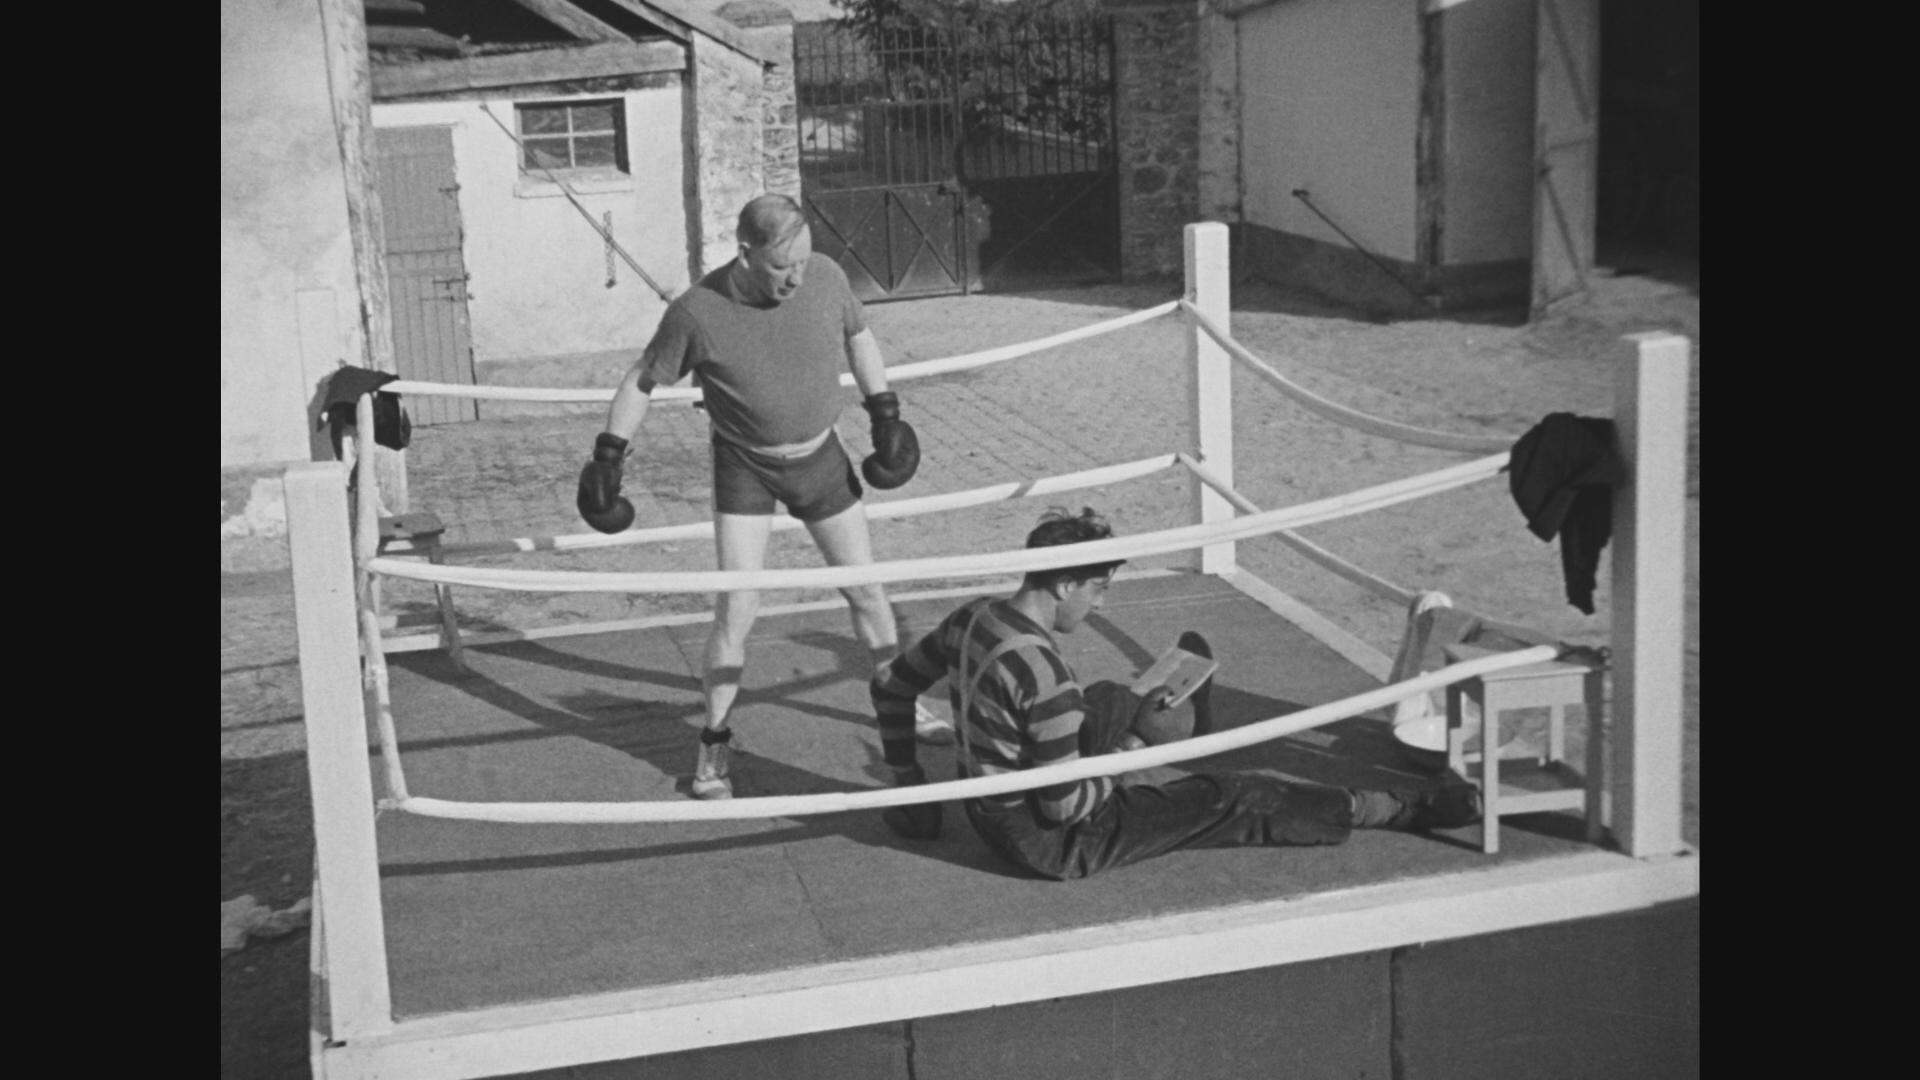 The Complete Jacques Tati - BR 7. Tati Shorts (1934-1978) [ReUp]